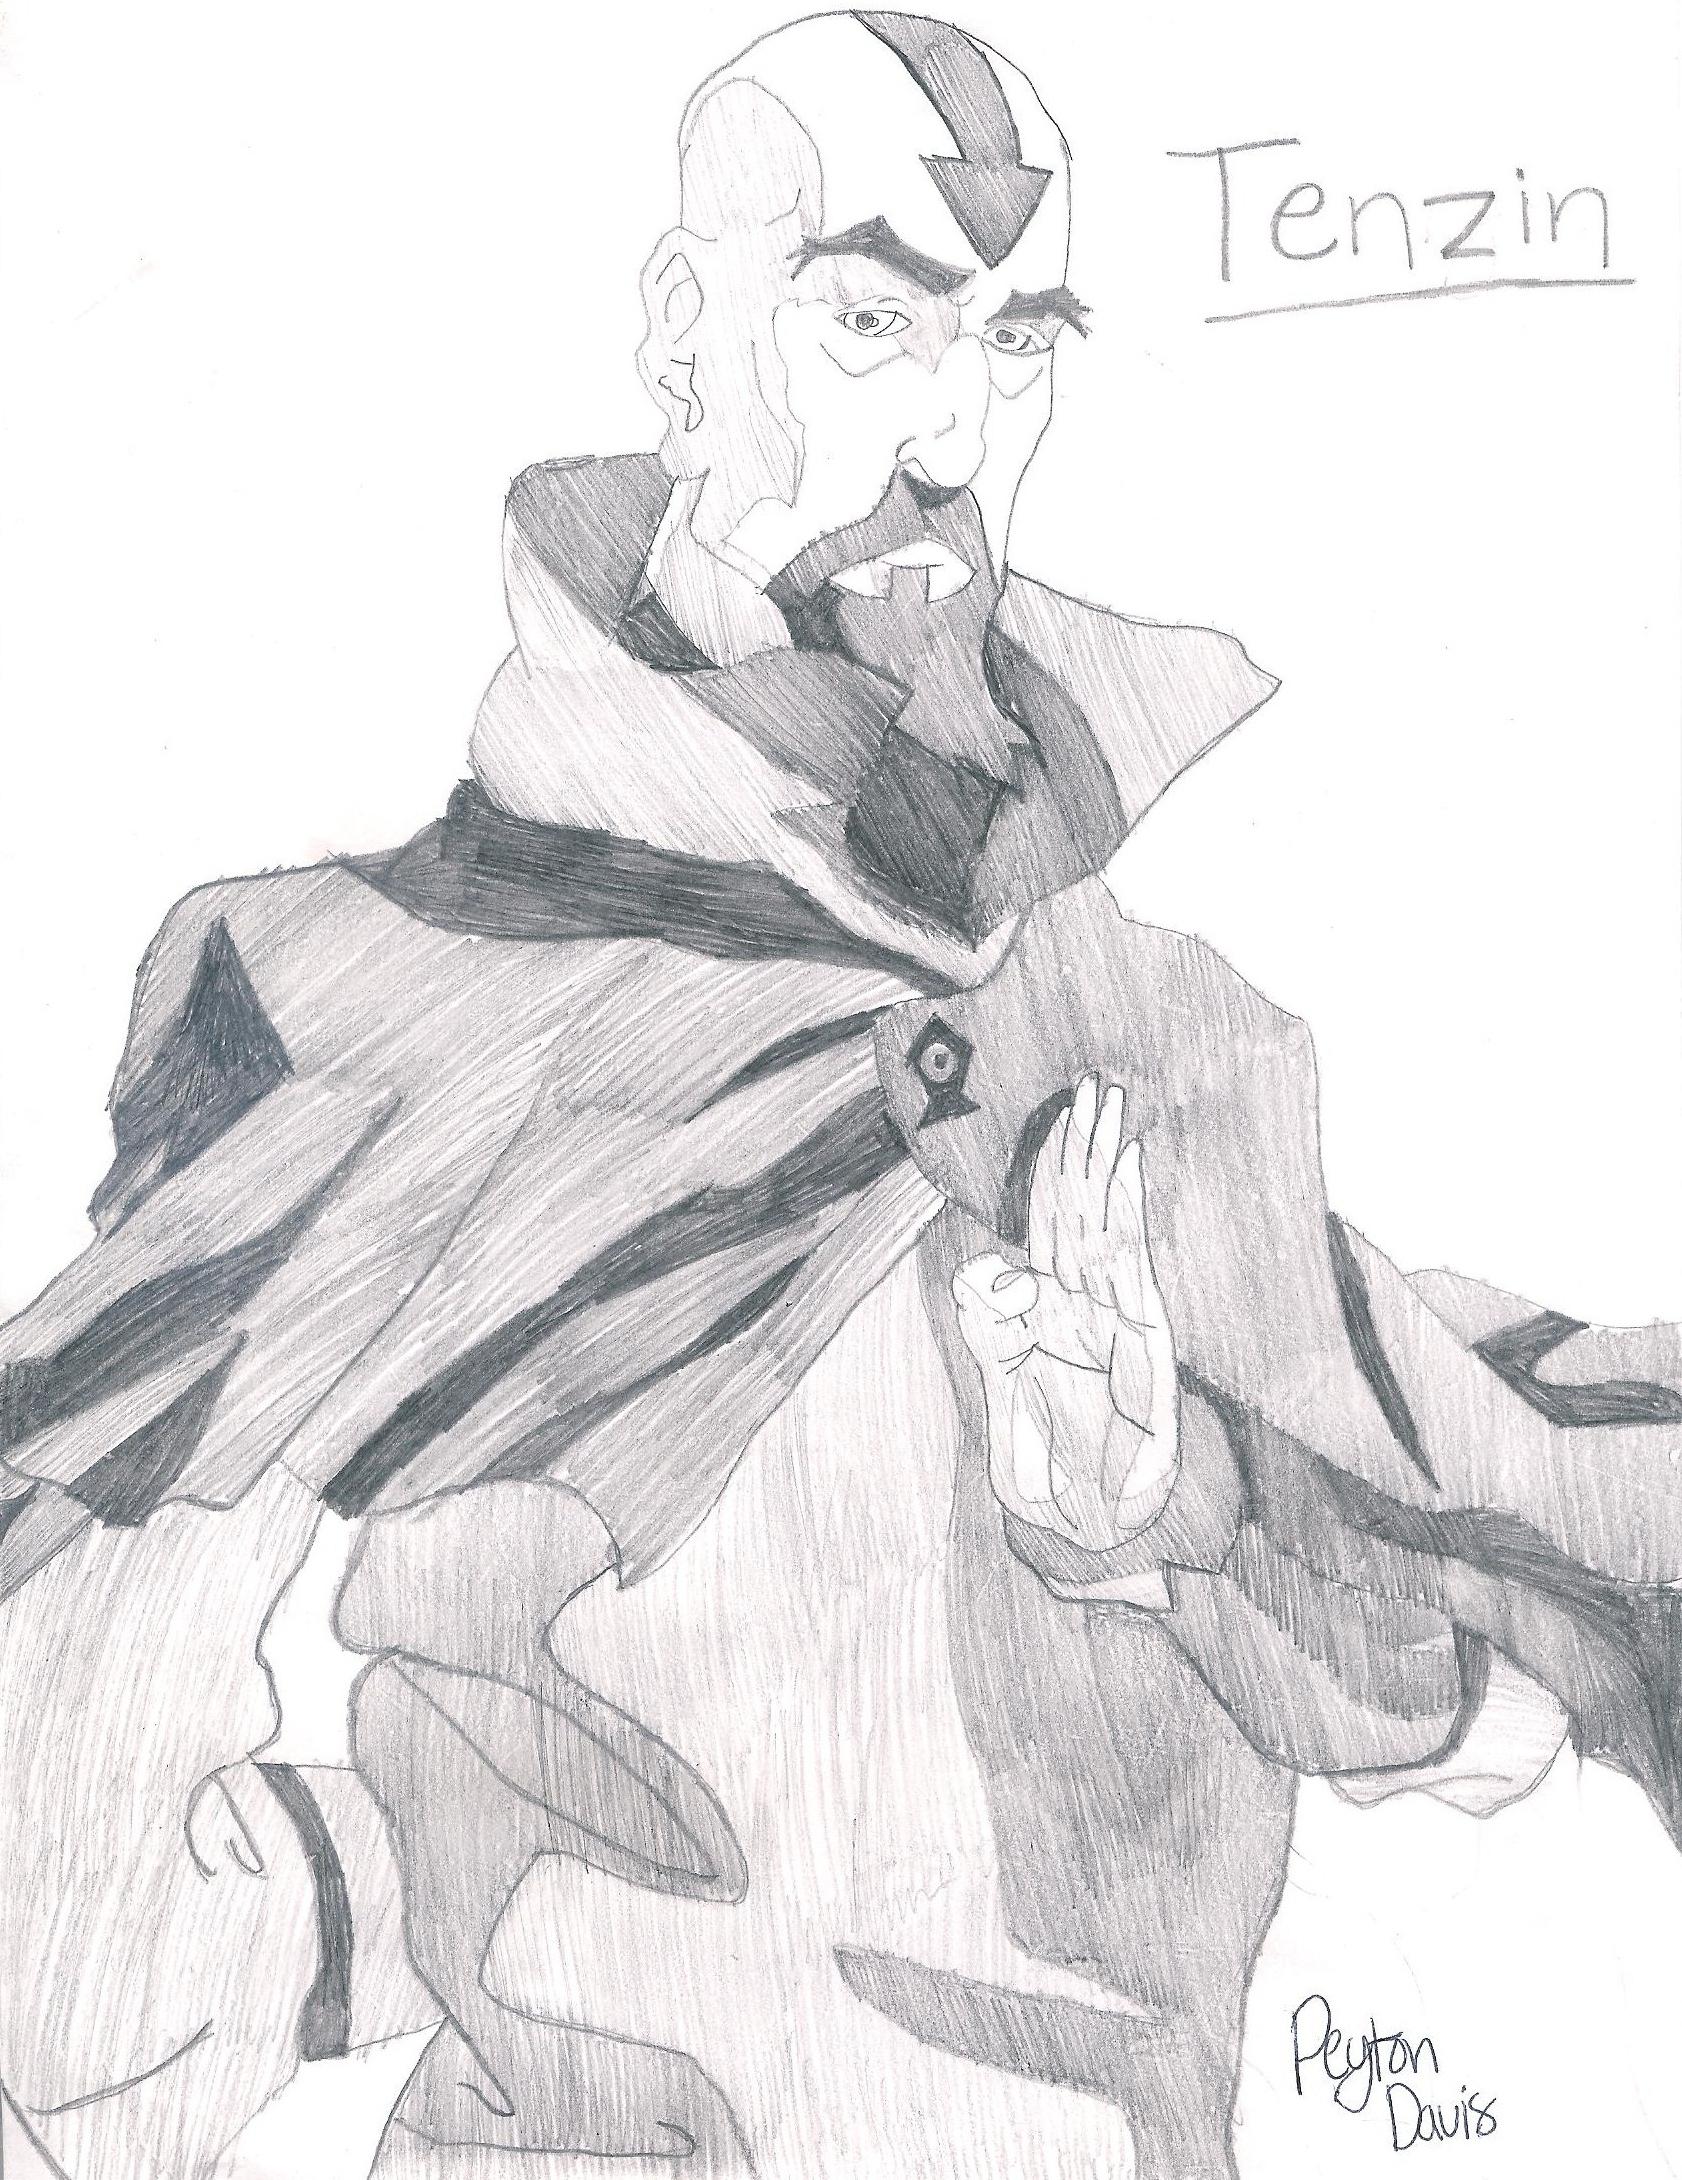 Korra Characters Drawn sa pamamagitan ng me Peyton Davis